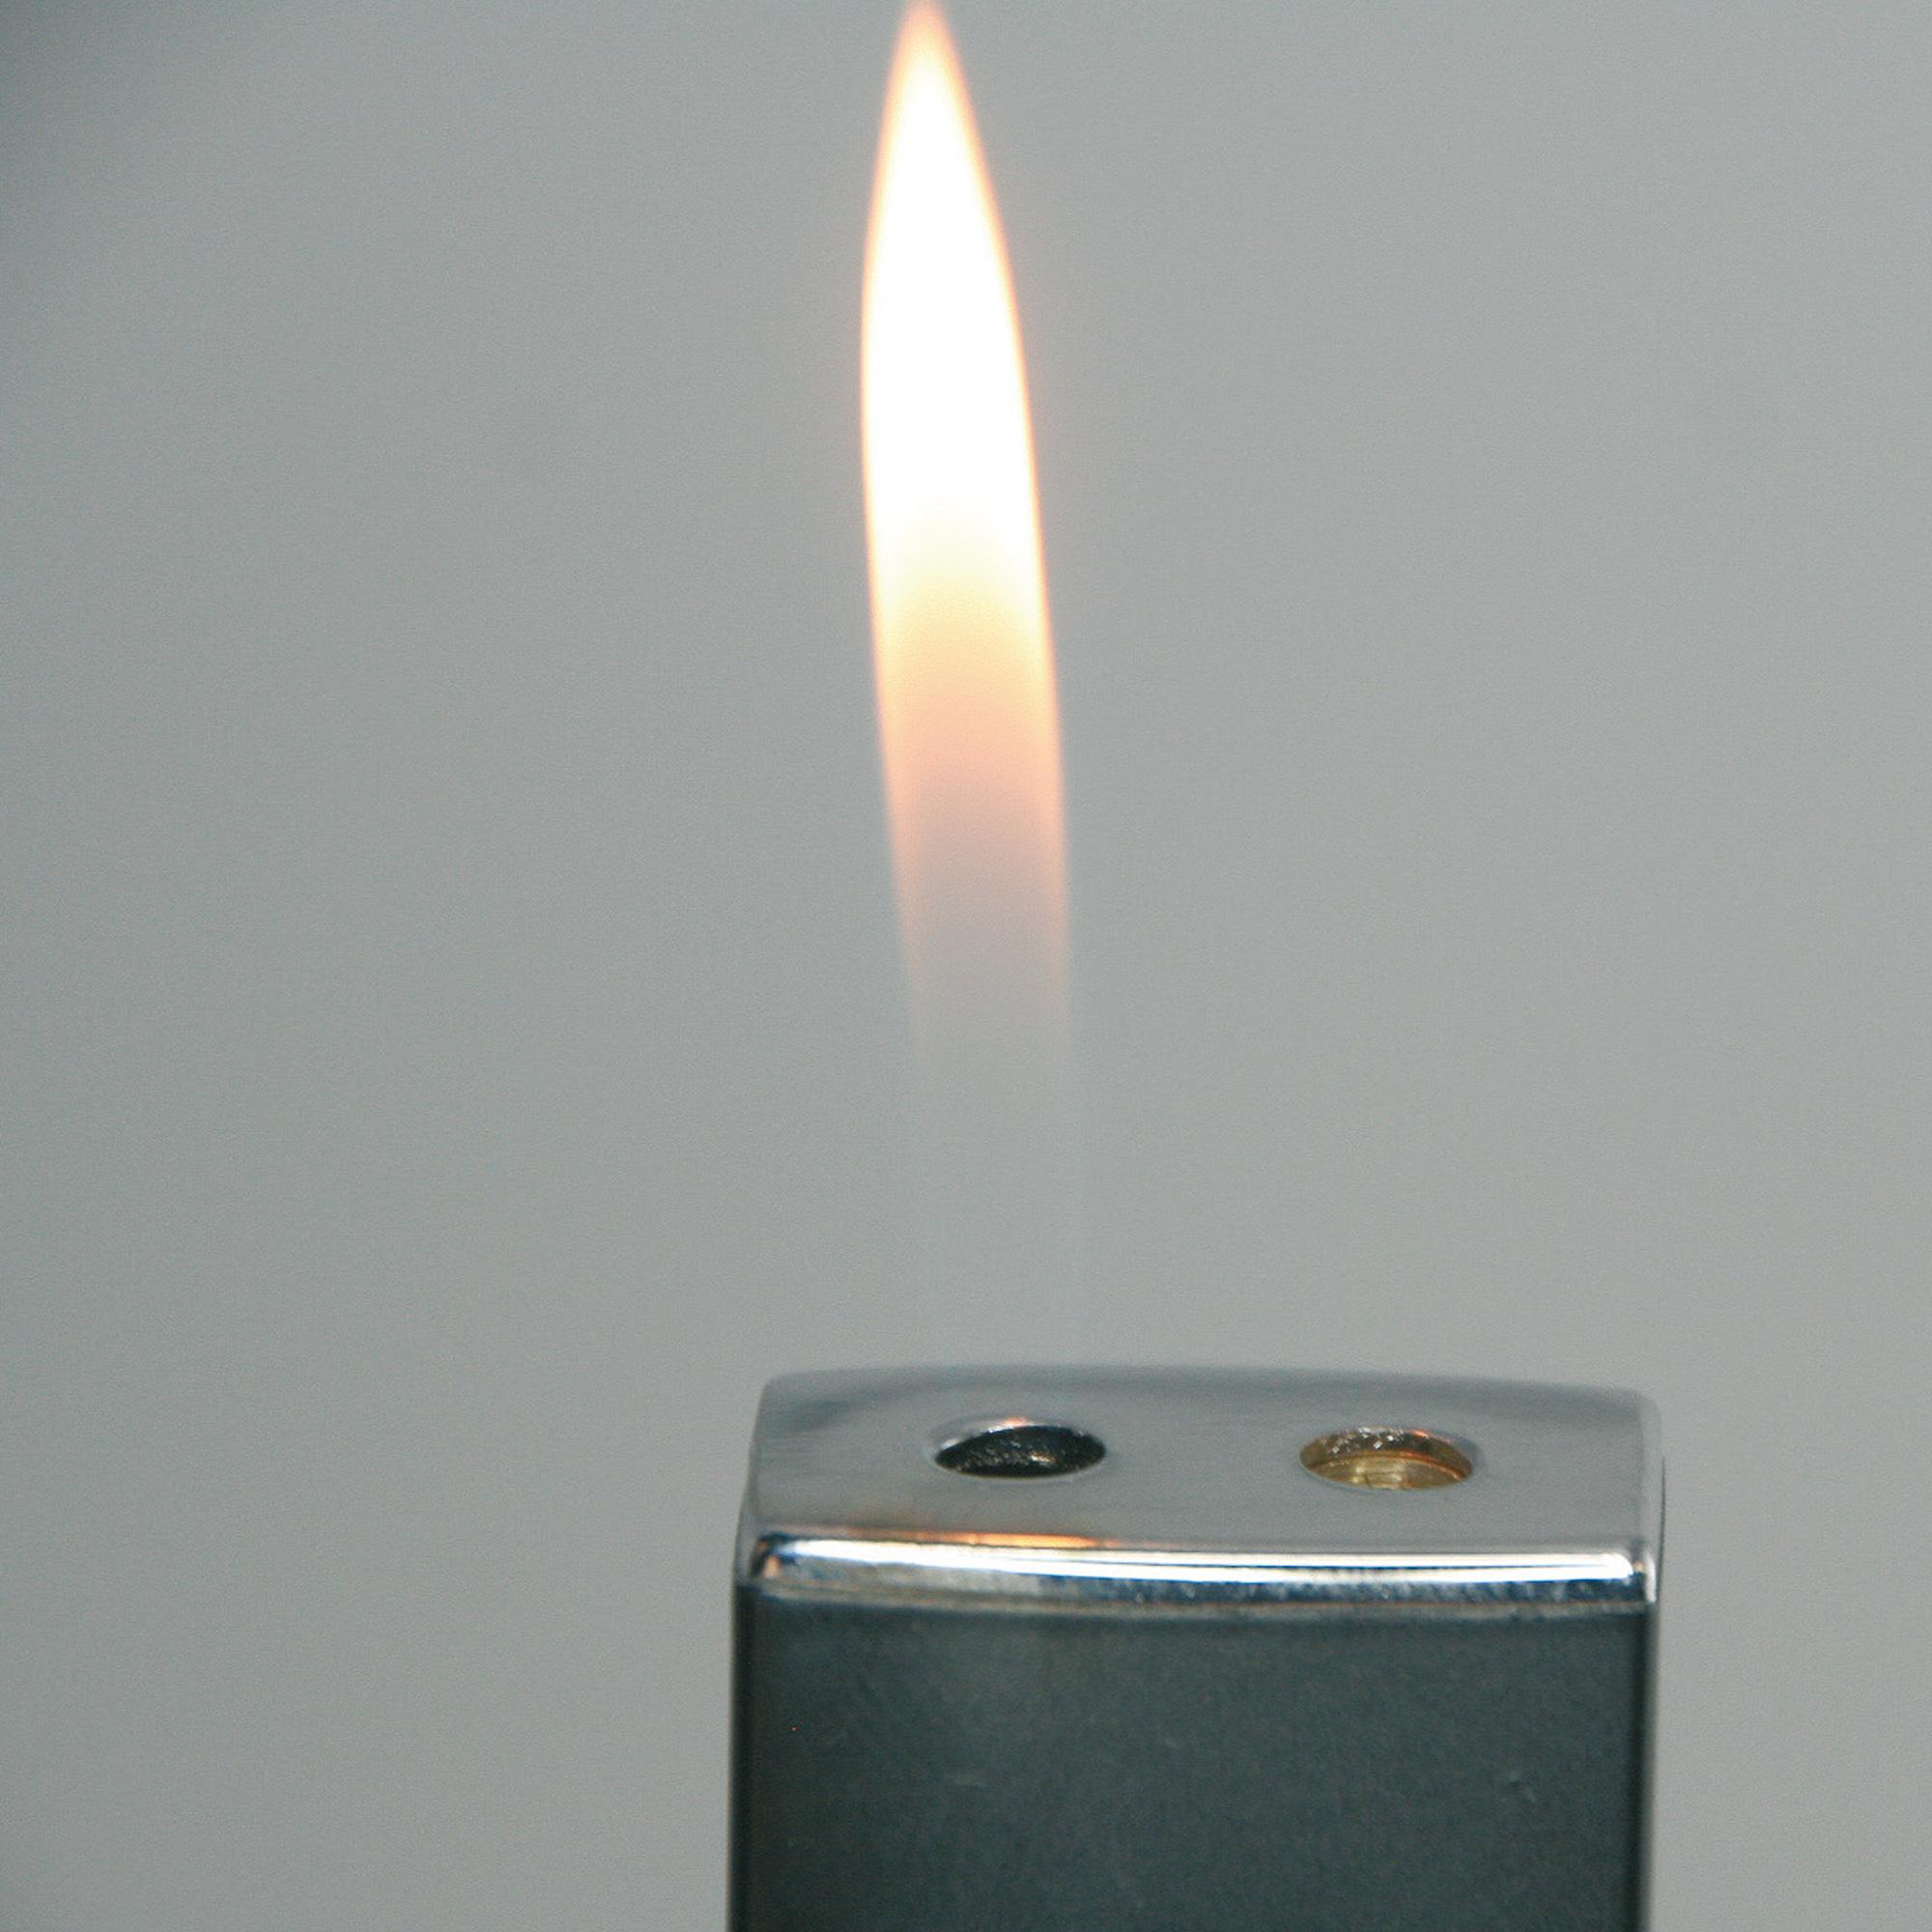 Feuerzeug, 2 Flammen, aus Aluminium